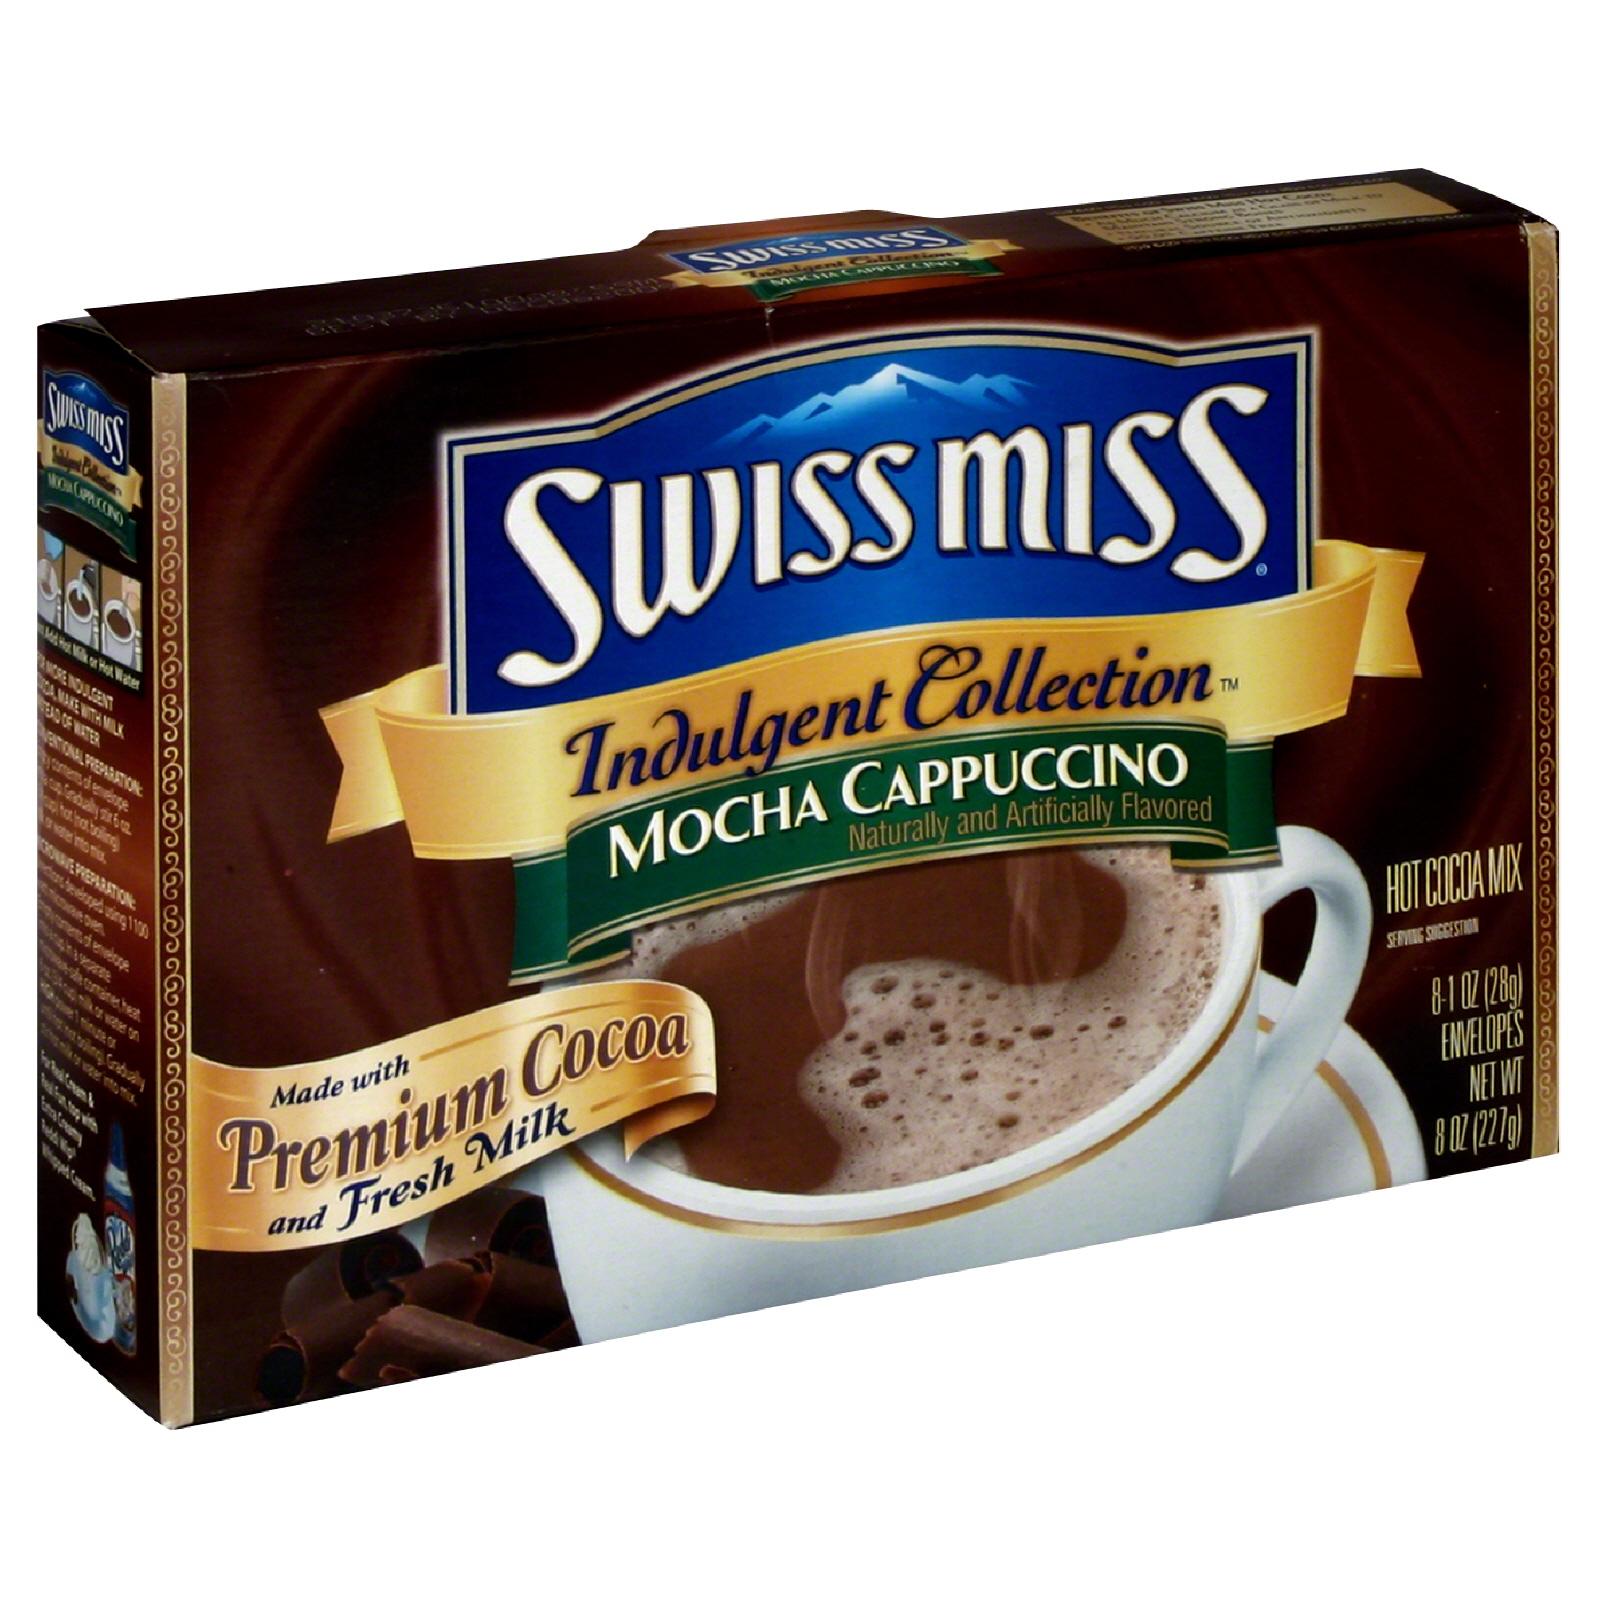 Indulgent Collection Hot Cocoa Mix, Mocha Cappuccino, 8 - 1 oz (28 g) envelopes [8 oz (227 g)]                                   at mygofer.com